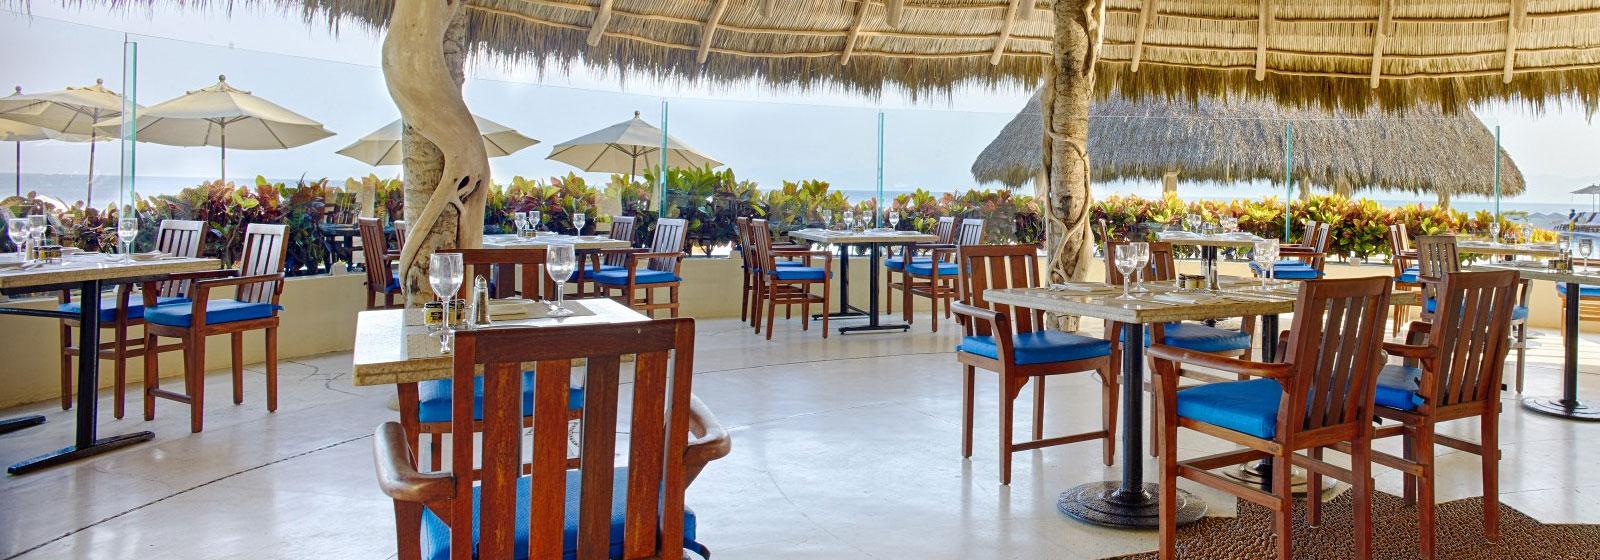 Restaurante Selva del Mar en Grand Velas Riviera Nayarit